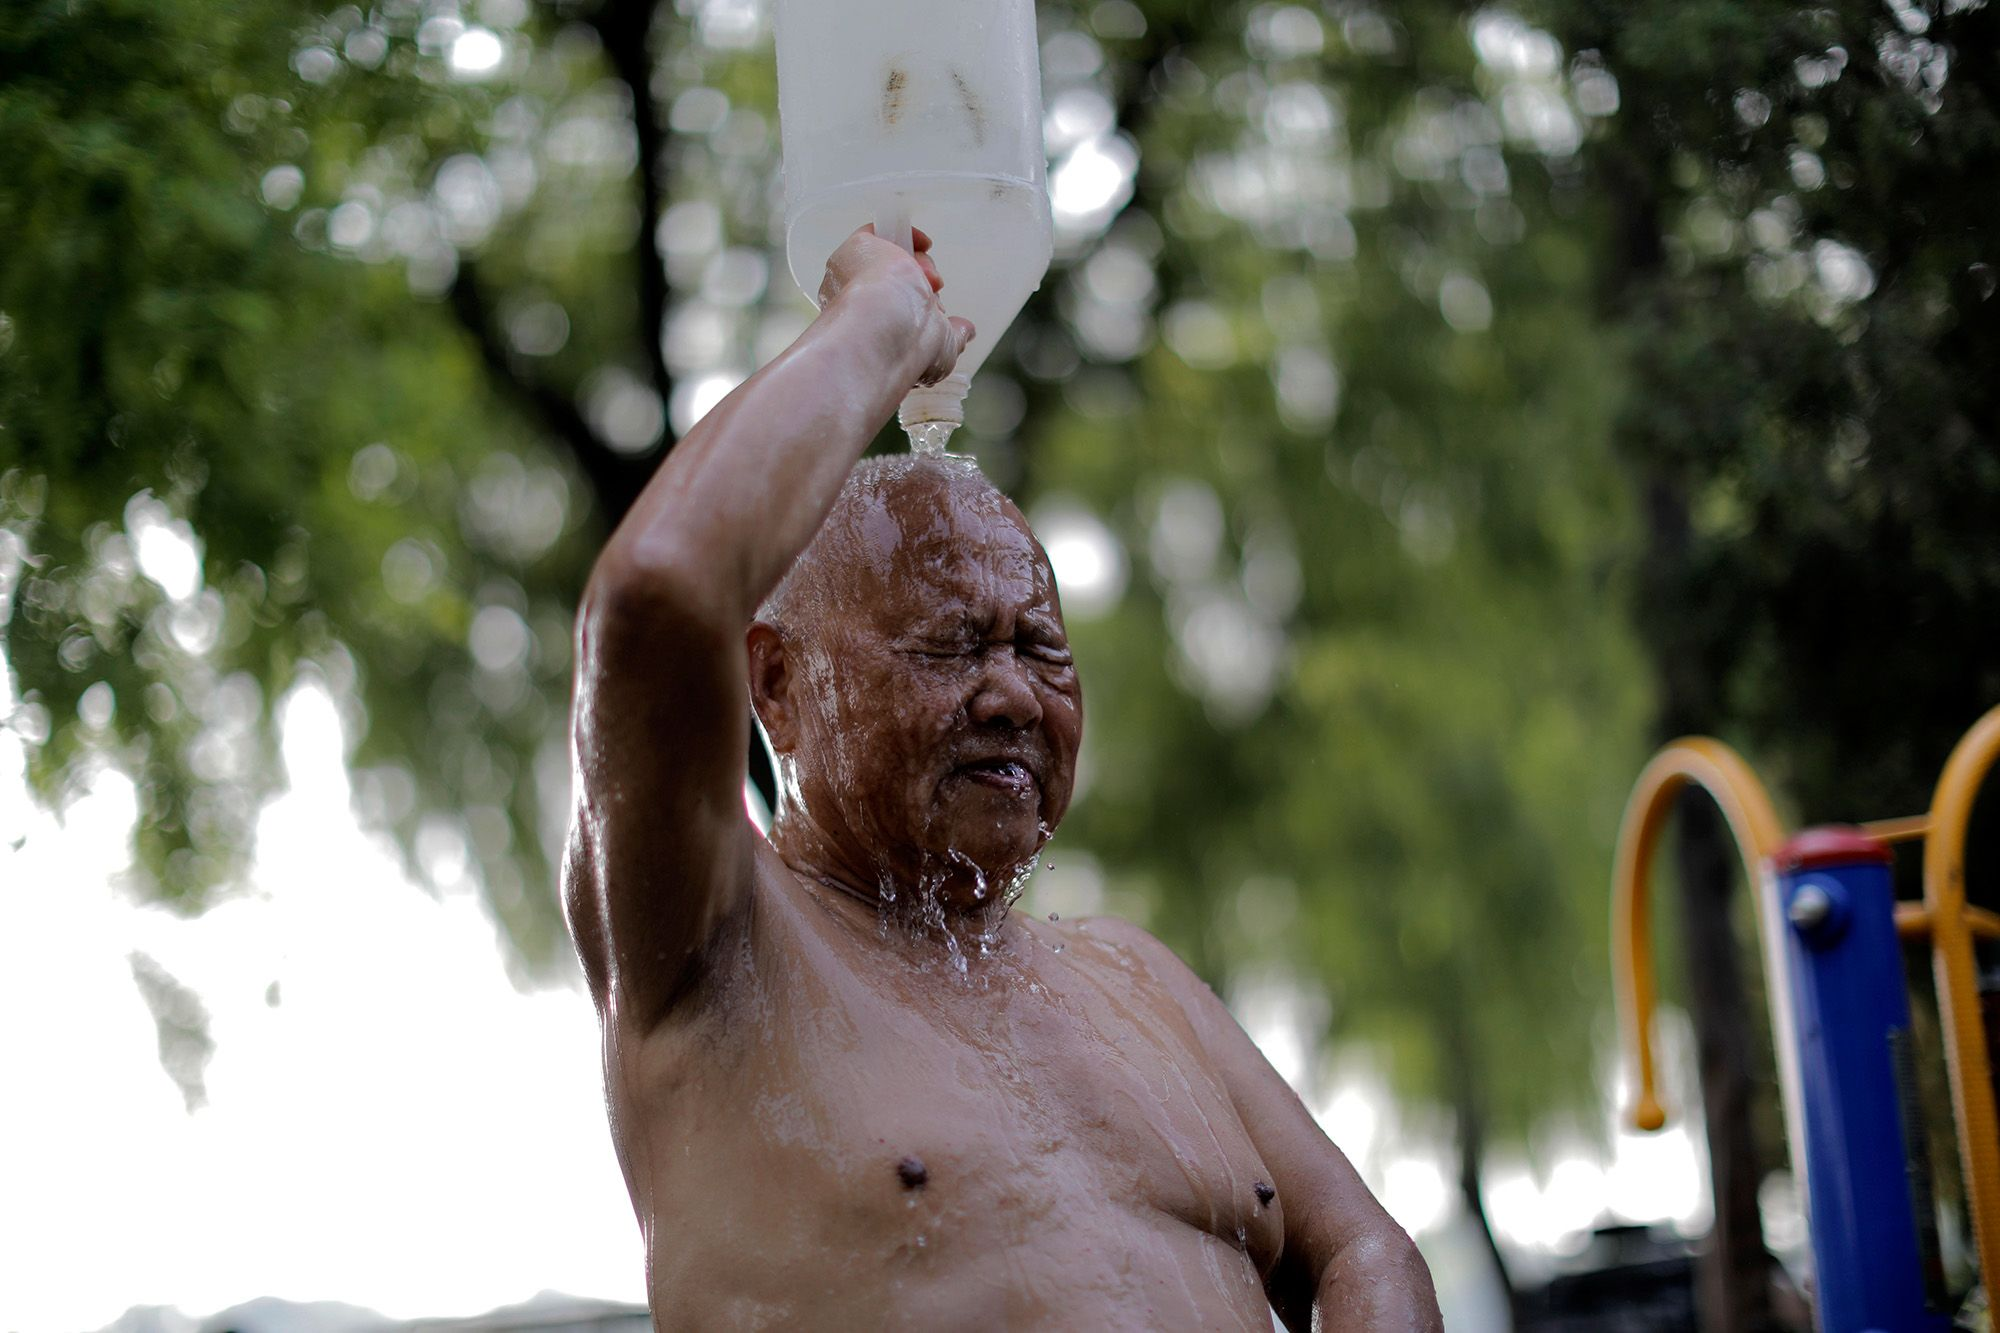 Leöblíti magáról a tóvizet egy fürdőző a pekingi Houhaj tó partján 2019. június 20-án, amikor 35 fokot mértek a kínai fővárosban. Fotó: MTI/EPA/Vu Hong